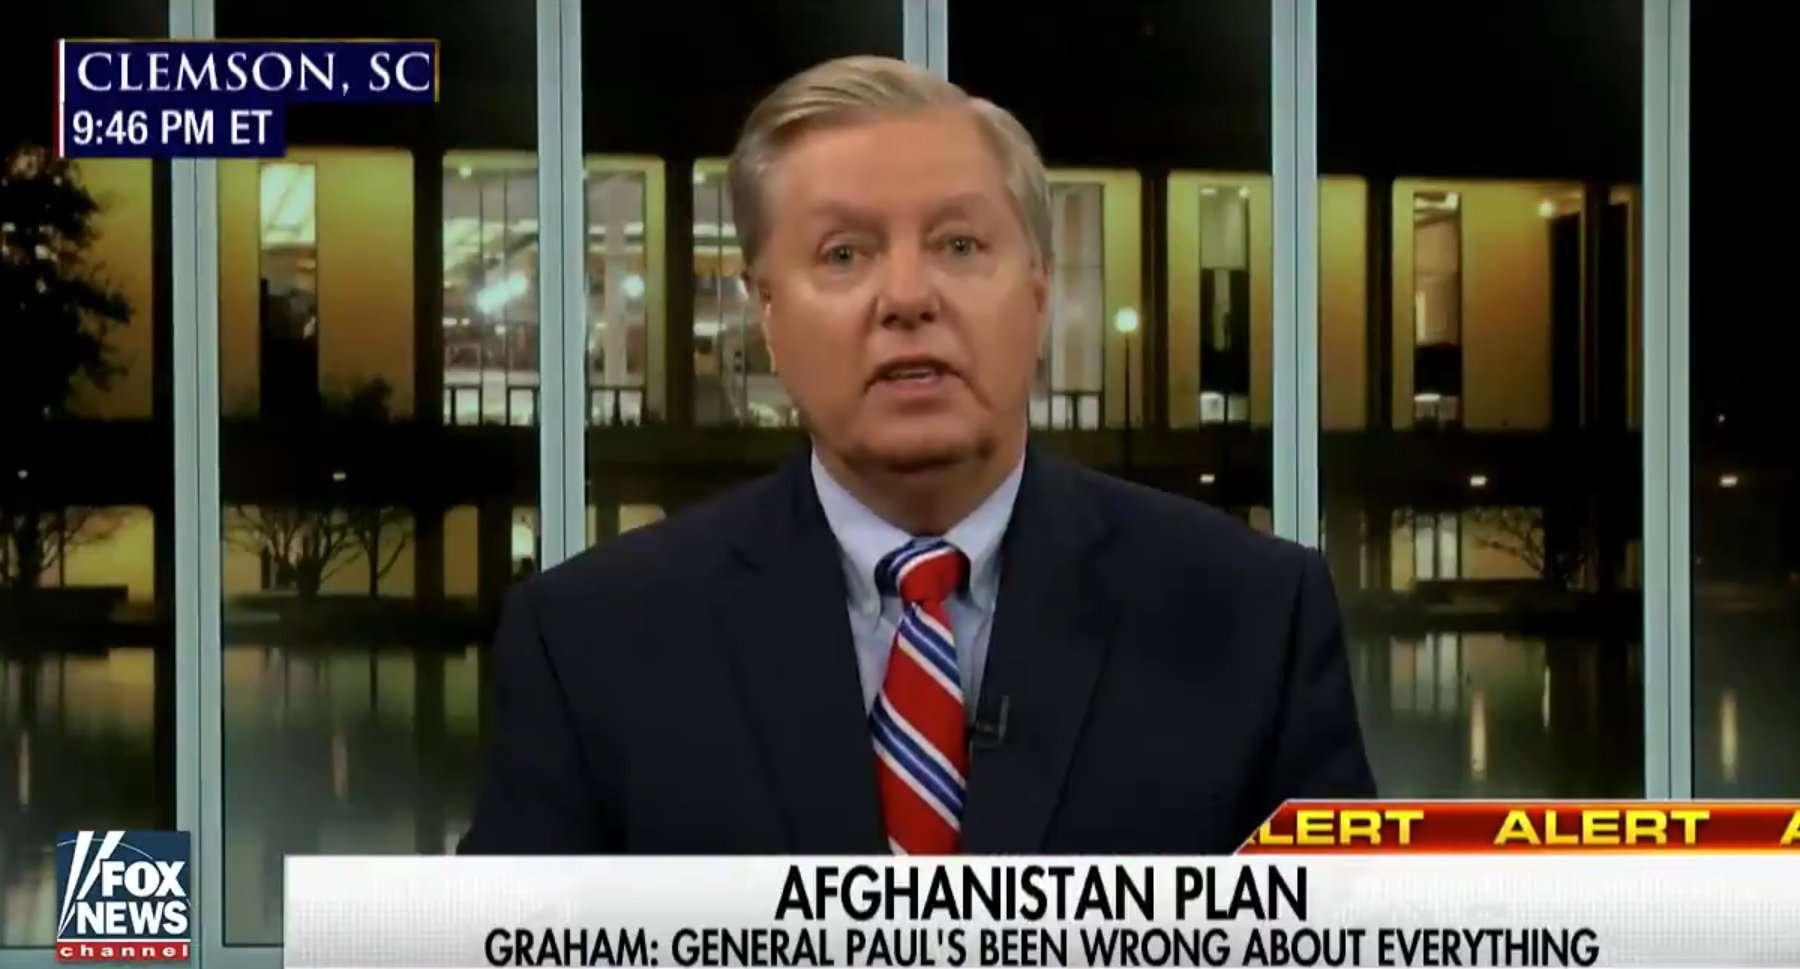 You do you, Lindsey. ||| Fox News